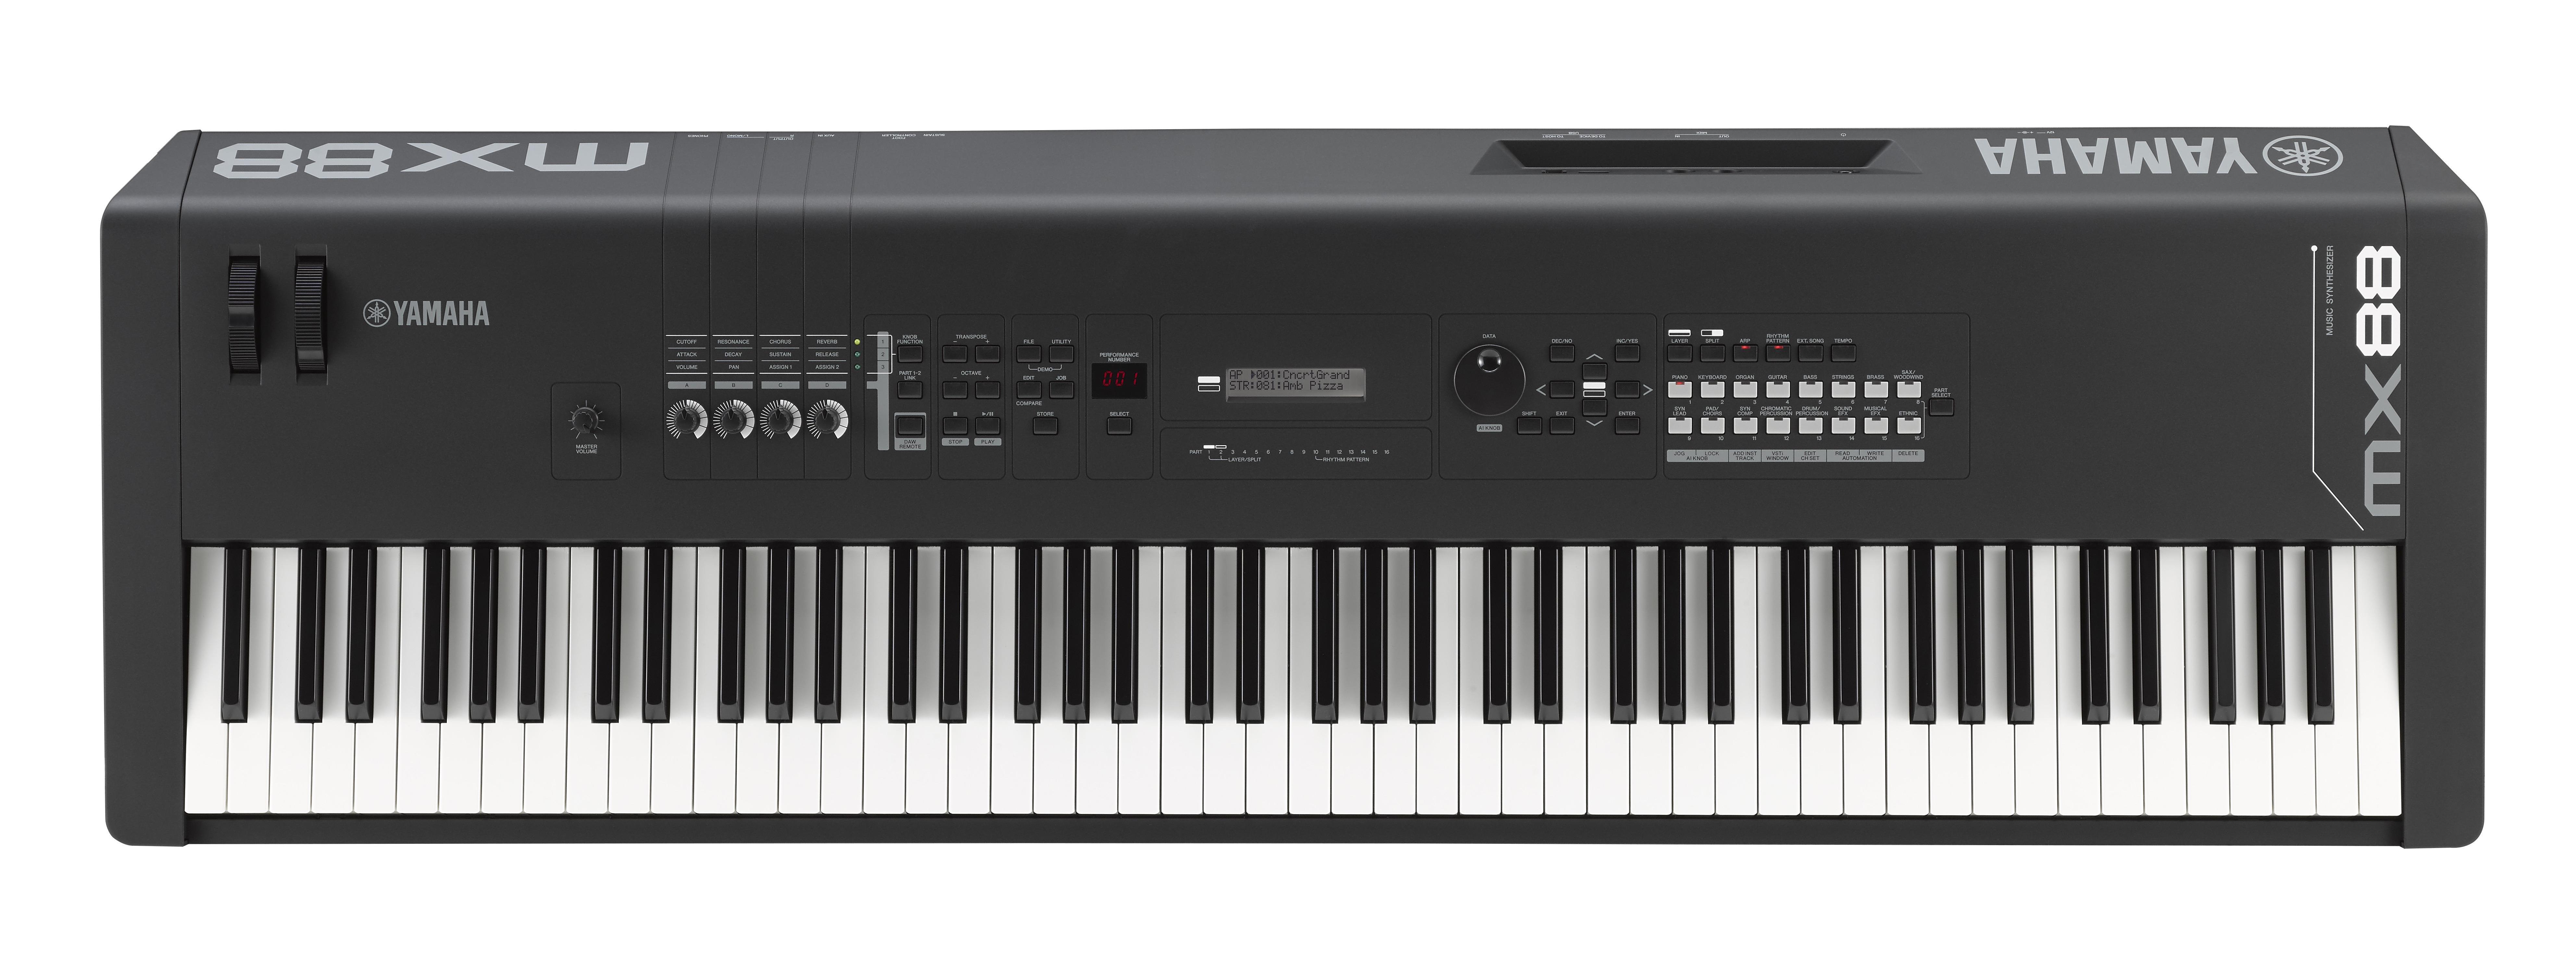 Yamaha mx88 88 note weighted action synthesizer for Yamaha keyboard synthesizer